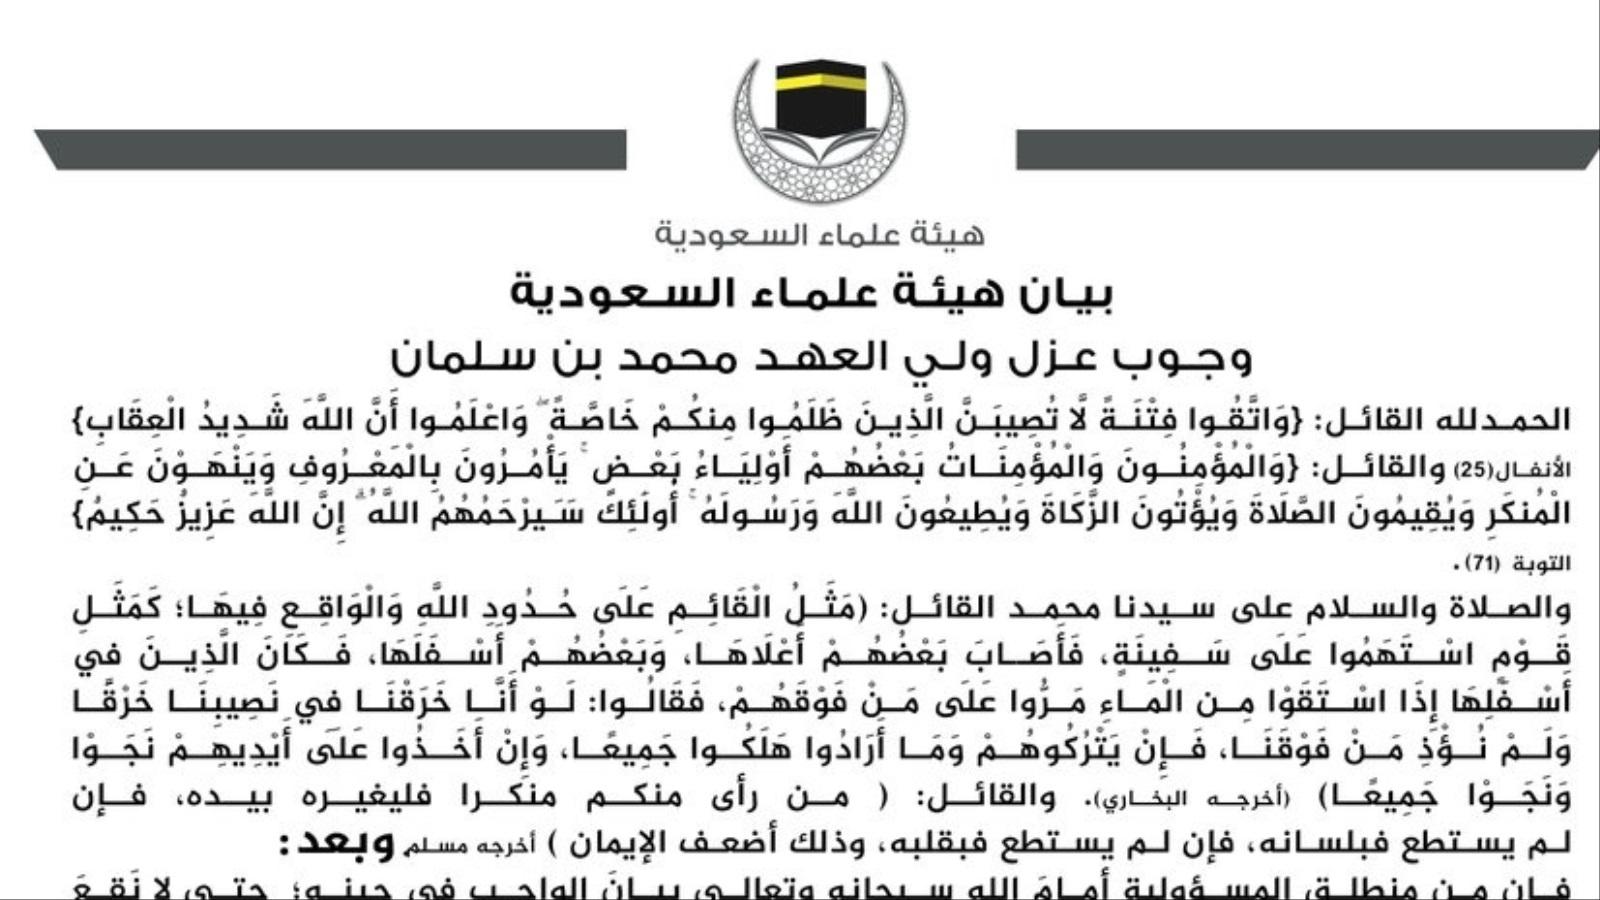 علماء سعوديون معارضون يدعون إلى عزل بن سلمان